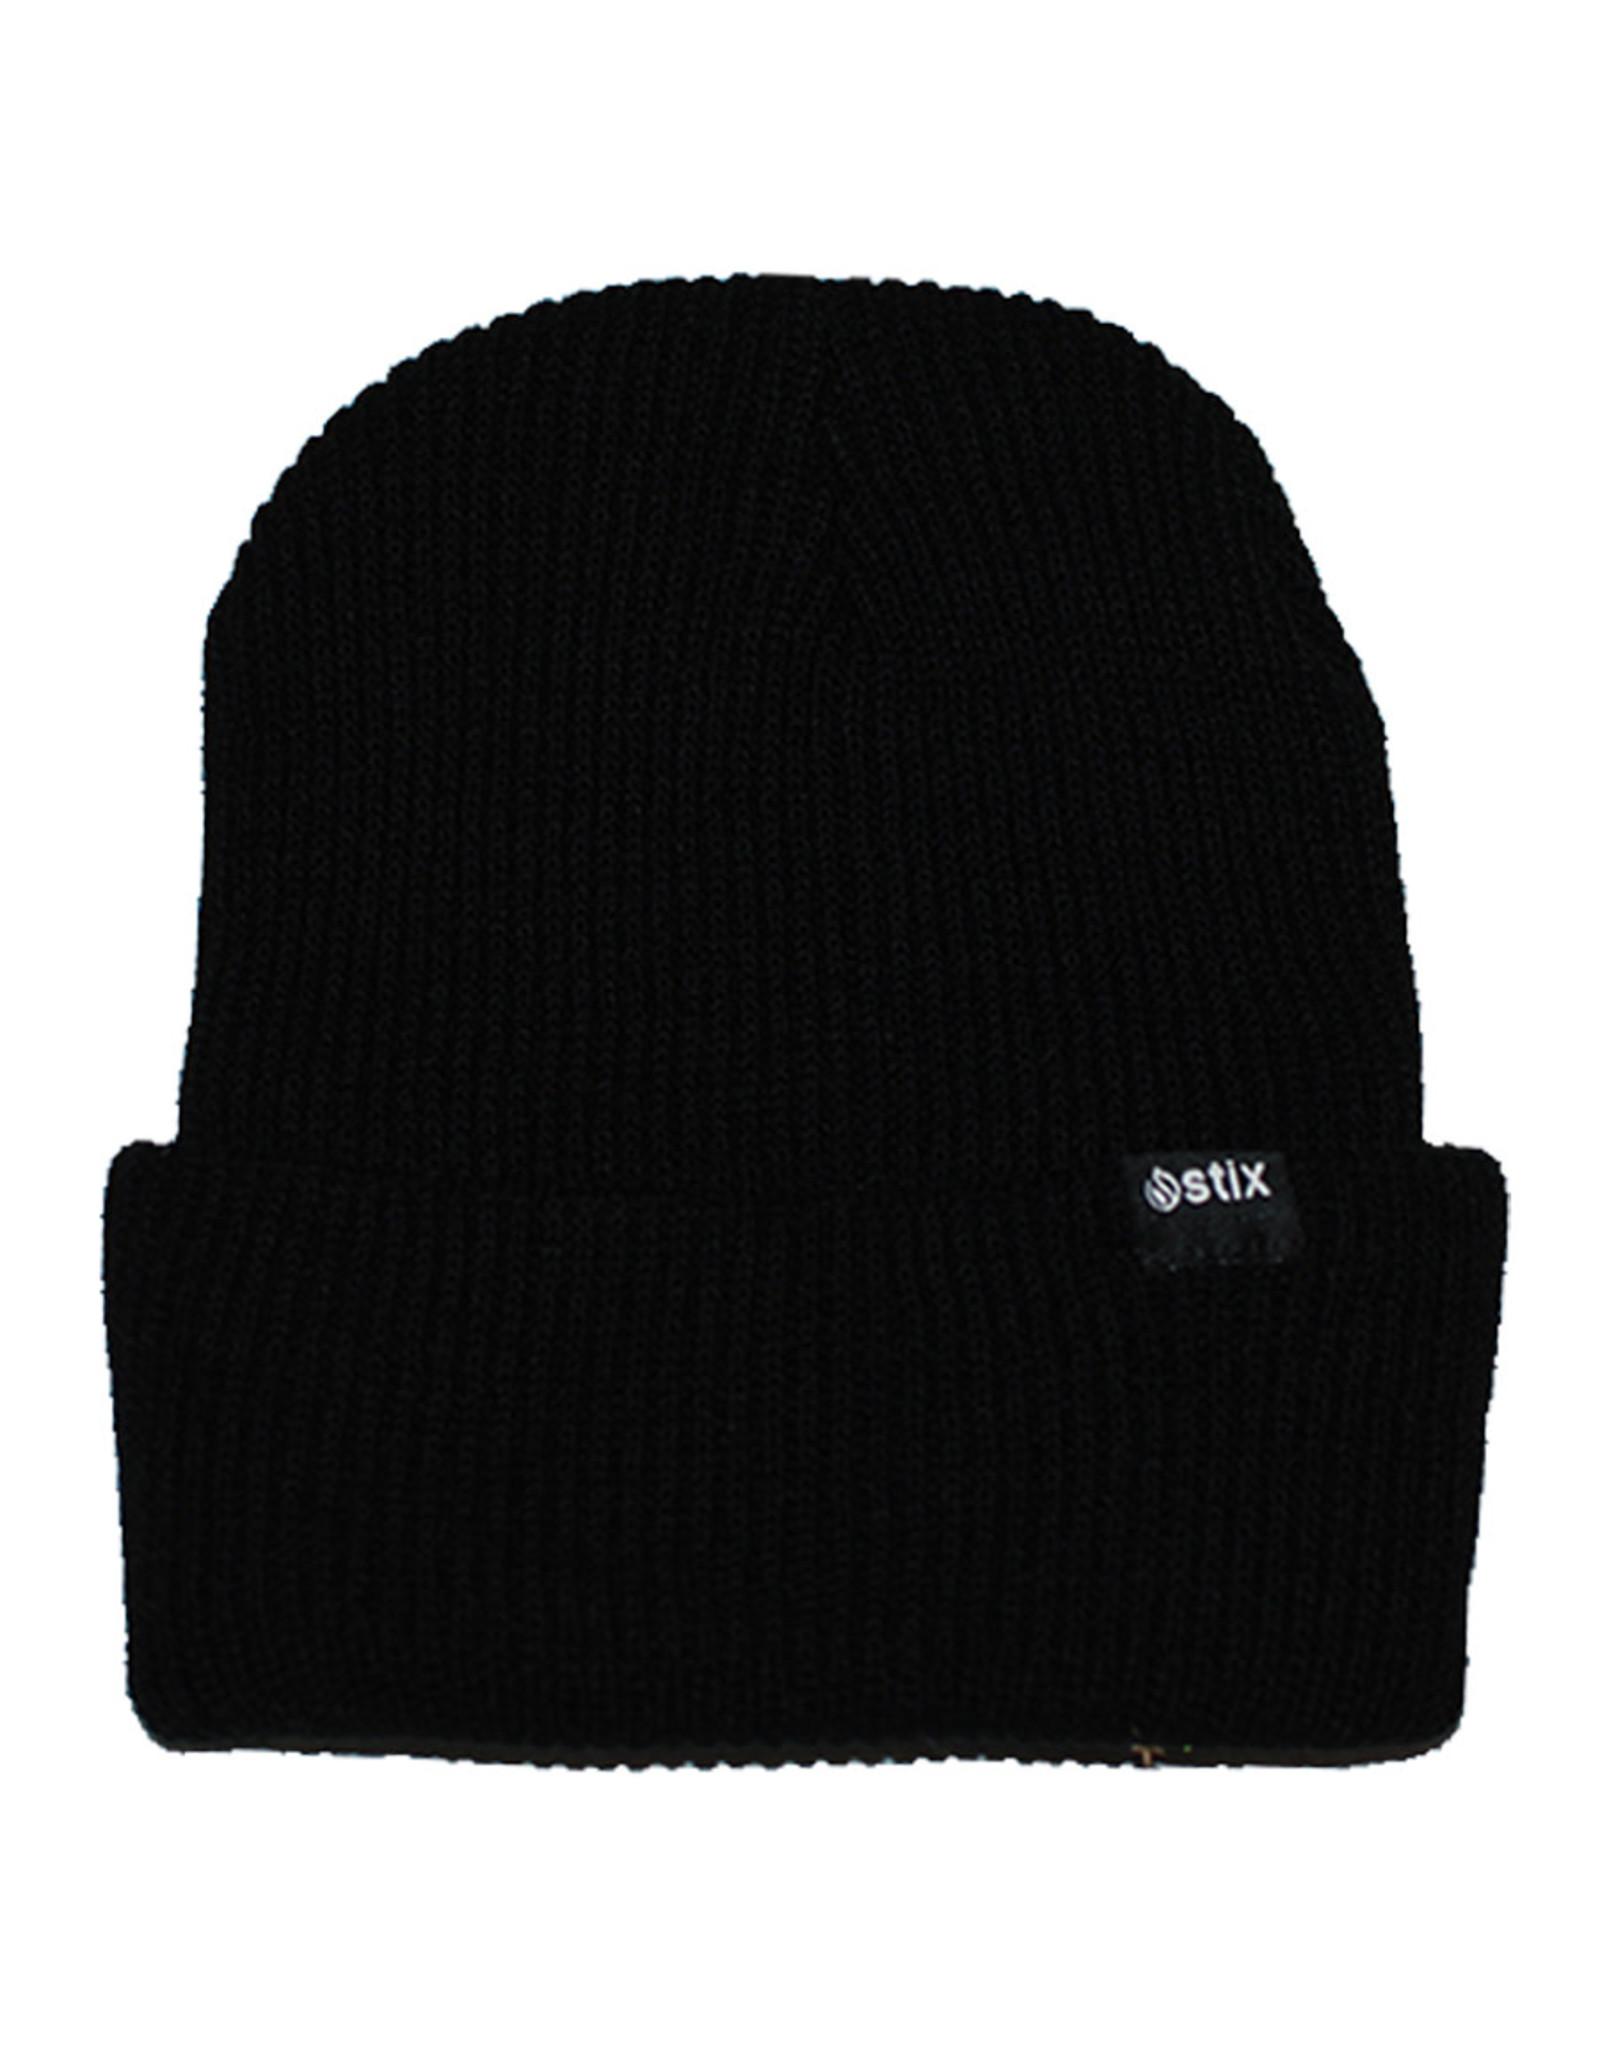 Stix Stix Beanie Classic Cuff (Black)